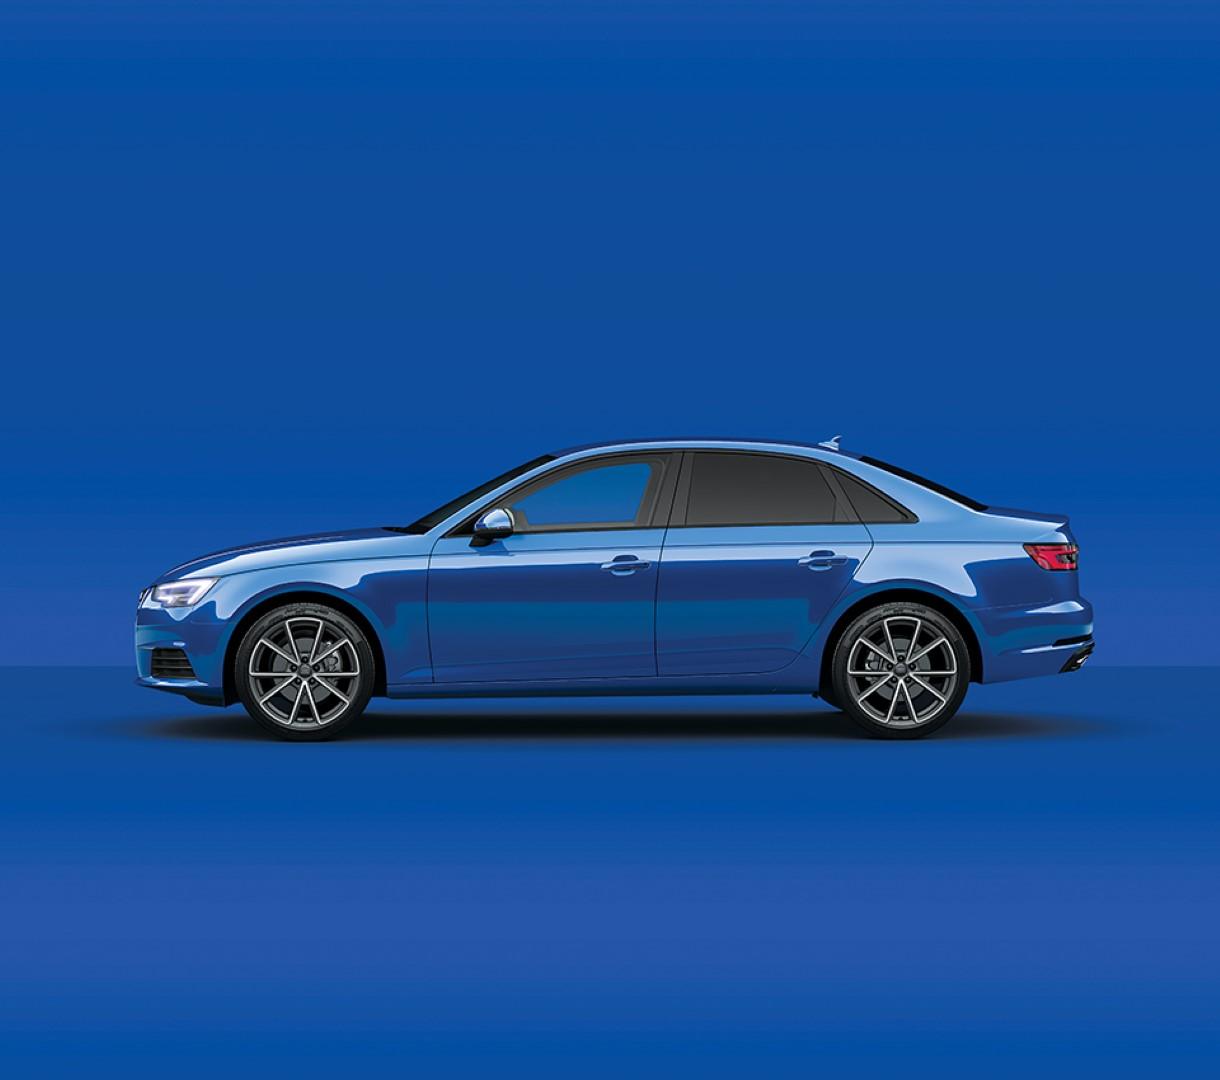 AKCIJA: Obarvajte Svoj Slog Z Novimi Modeli Audi A1, A3